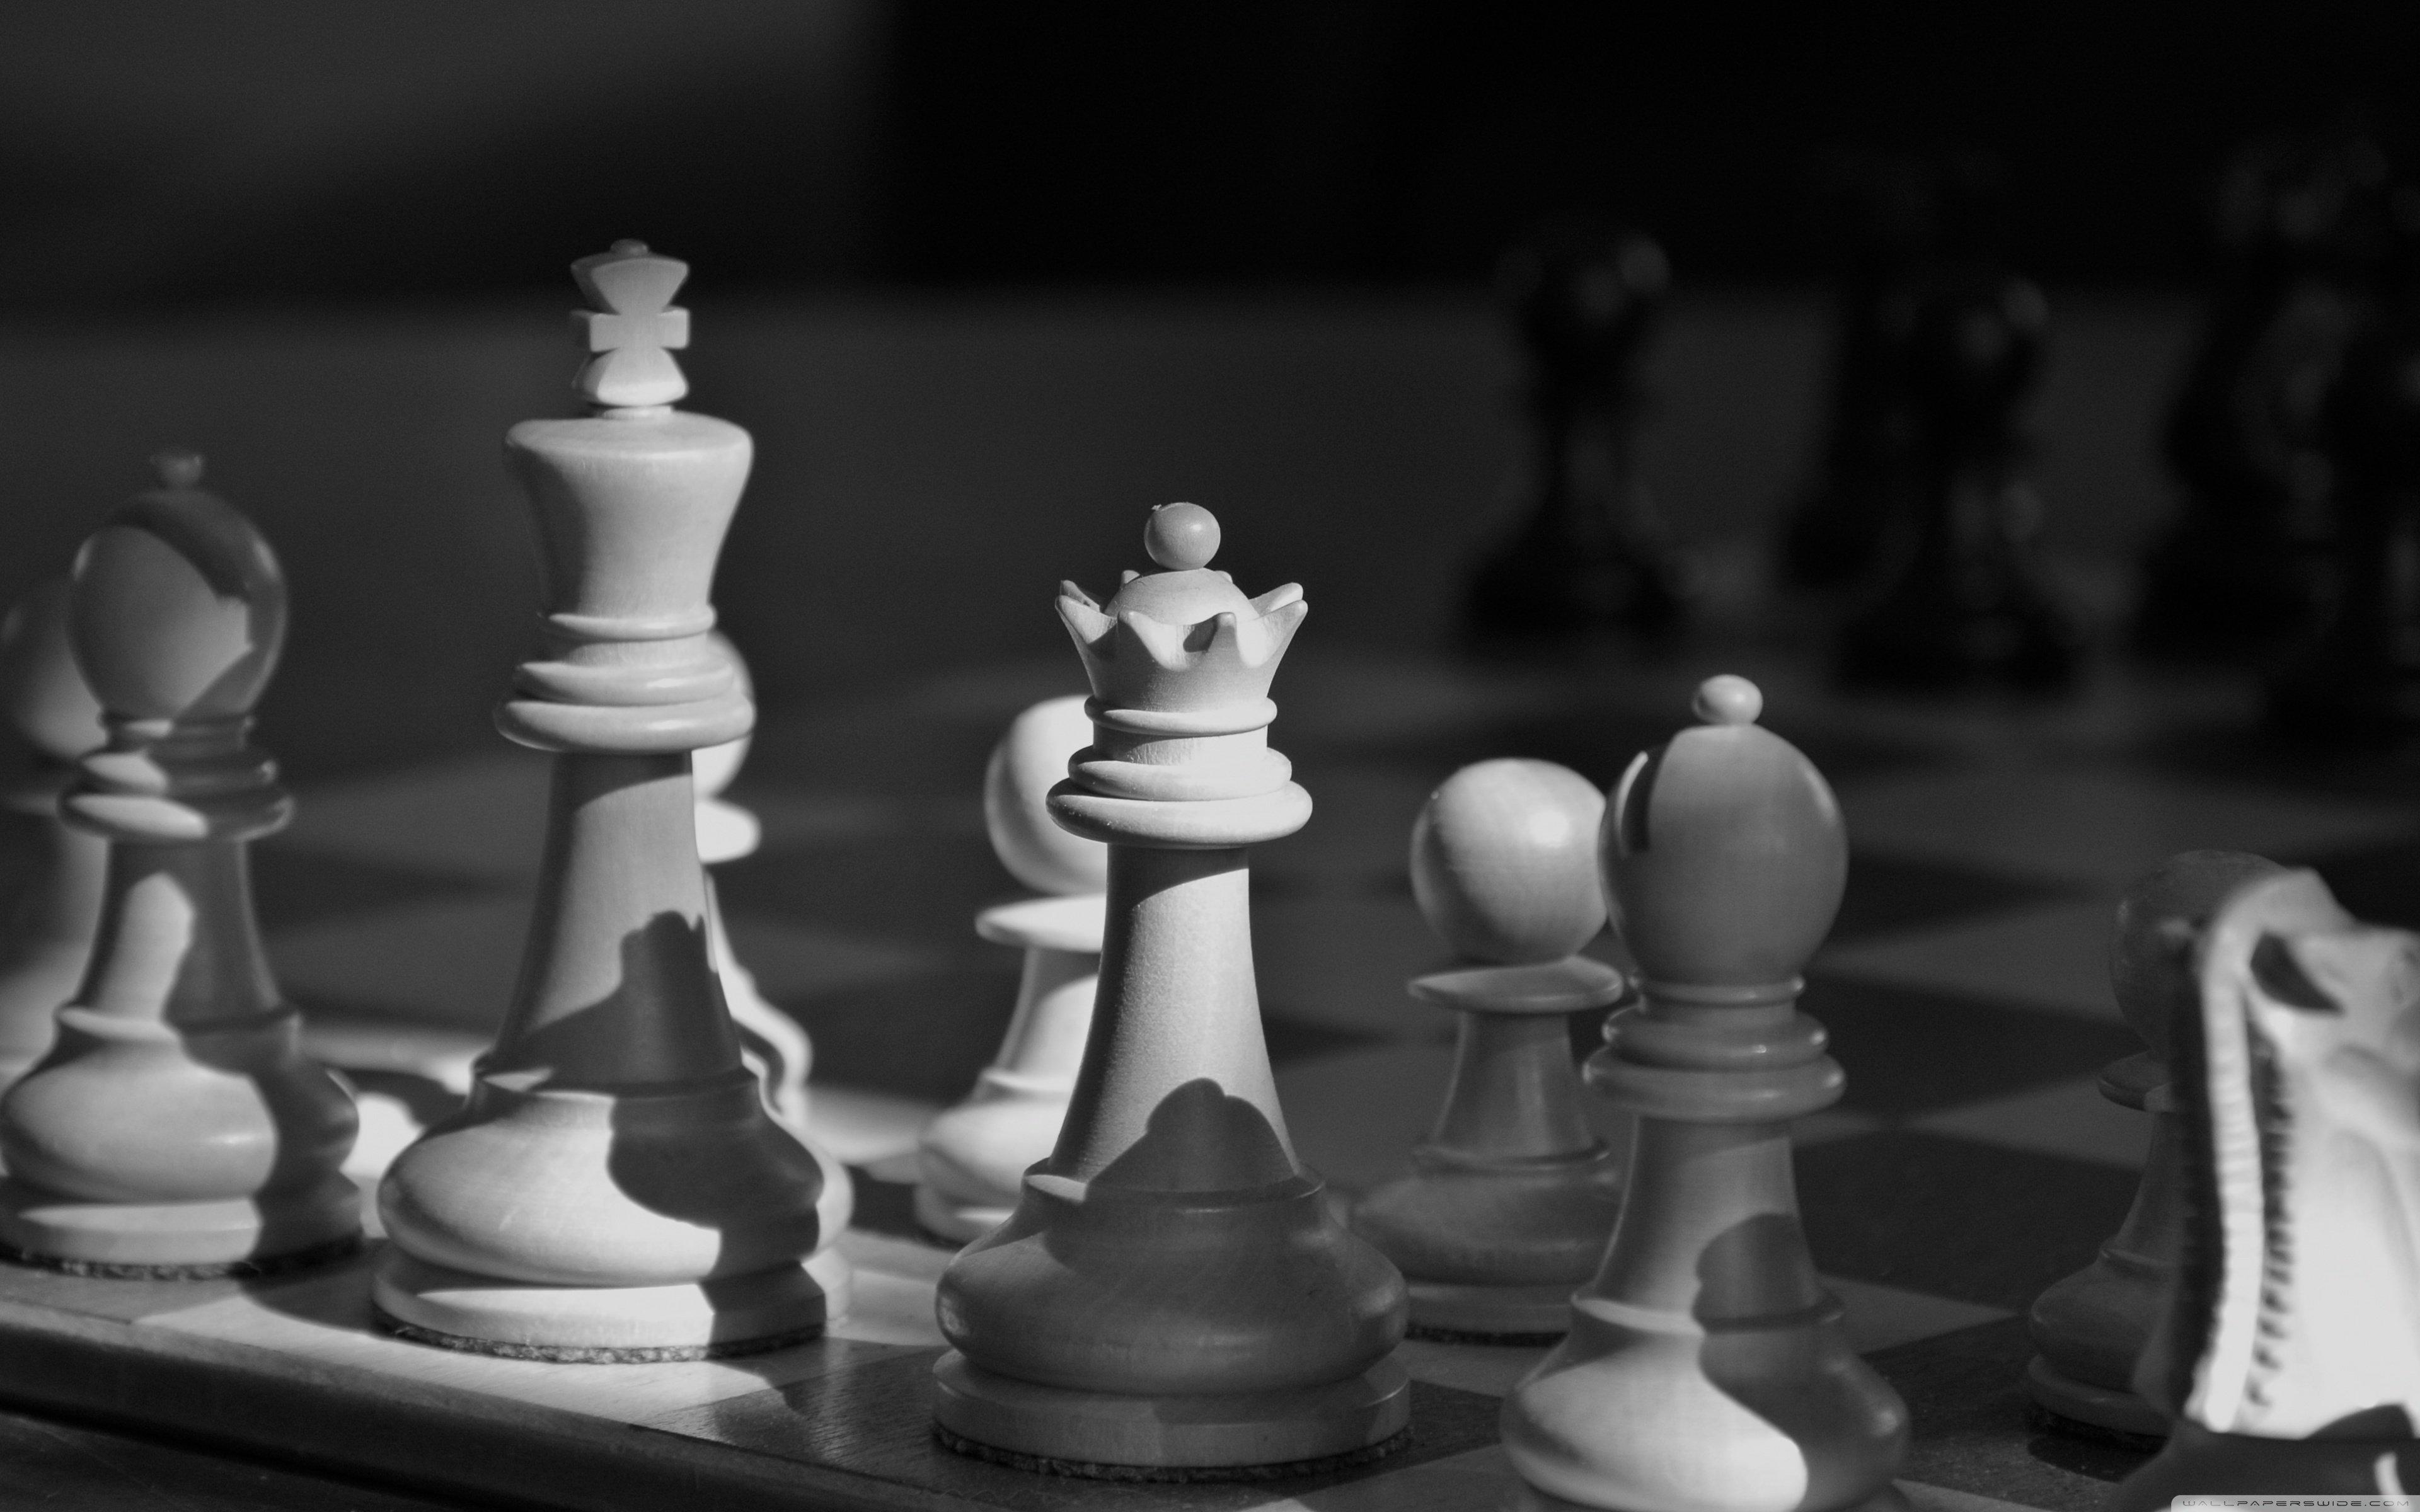 Chess 7-wallpaper-3840x2400 Wallpaper